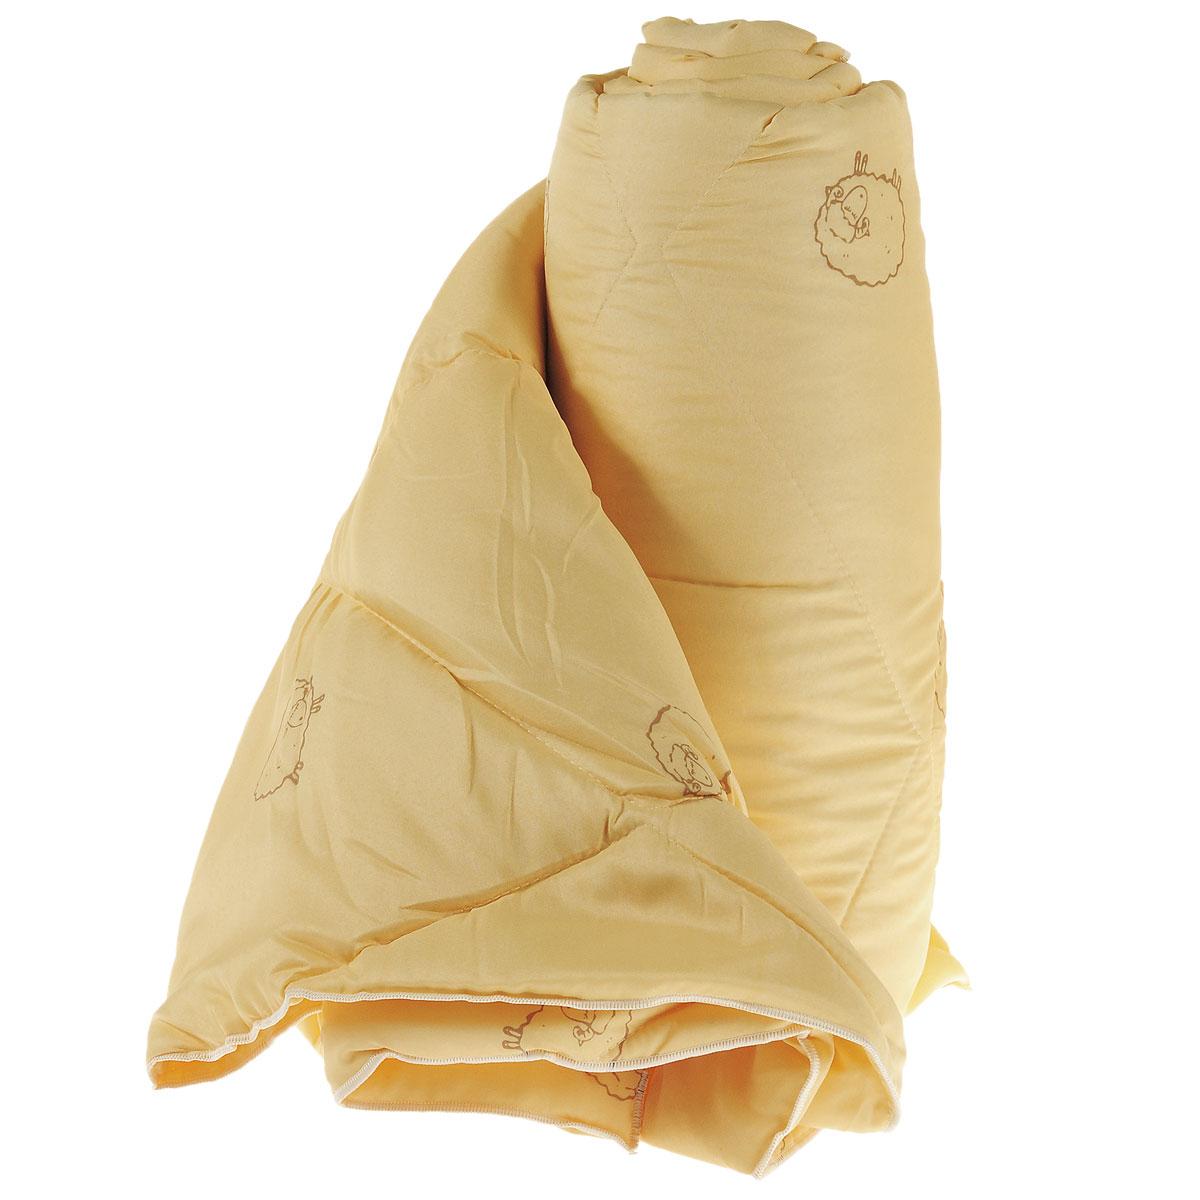 Одеяло Sleeper Находка, легкое, наполнитель: овечья шерсть, цвет: желтый, 140 x 200 см22(33)323Легкое одеяло Sleeper Находка с наполнителем - овечьей шерстью, со стежкой, не оставит равнодушными тех, кто ценит здоровье и красоту. Изысканный цвет чехла отвечает современным европейским тенденциям, а наполнитель из овечьей шерсти придает изделию мягкость, упругость и повышенные теплозащитные свойства. Ткань чехла изготовлена из микрофибры - мягкого, приятного на ощупь материала. Материал чехла: микрофибра (100% полиэстер). Материал наполнителя: овечья шерсть. Масса наполнителя: 200 г/м2.